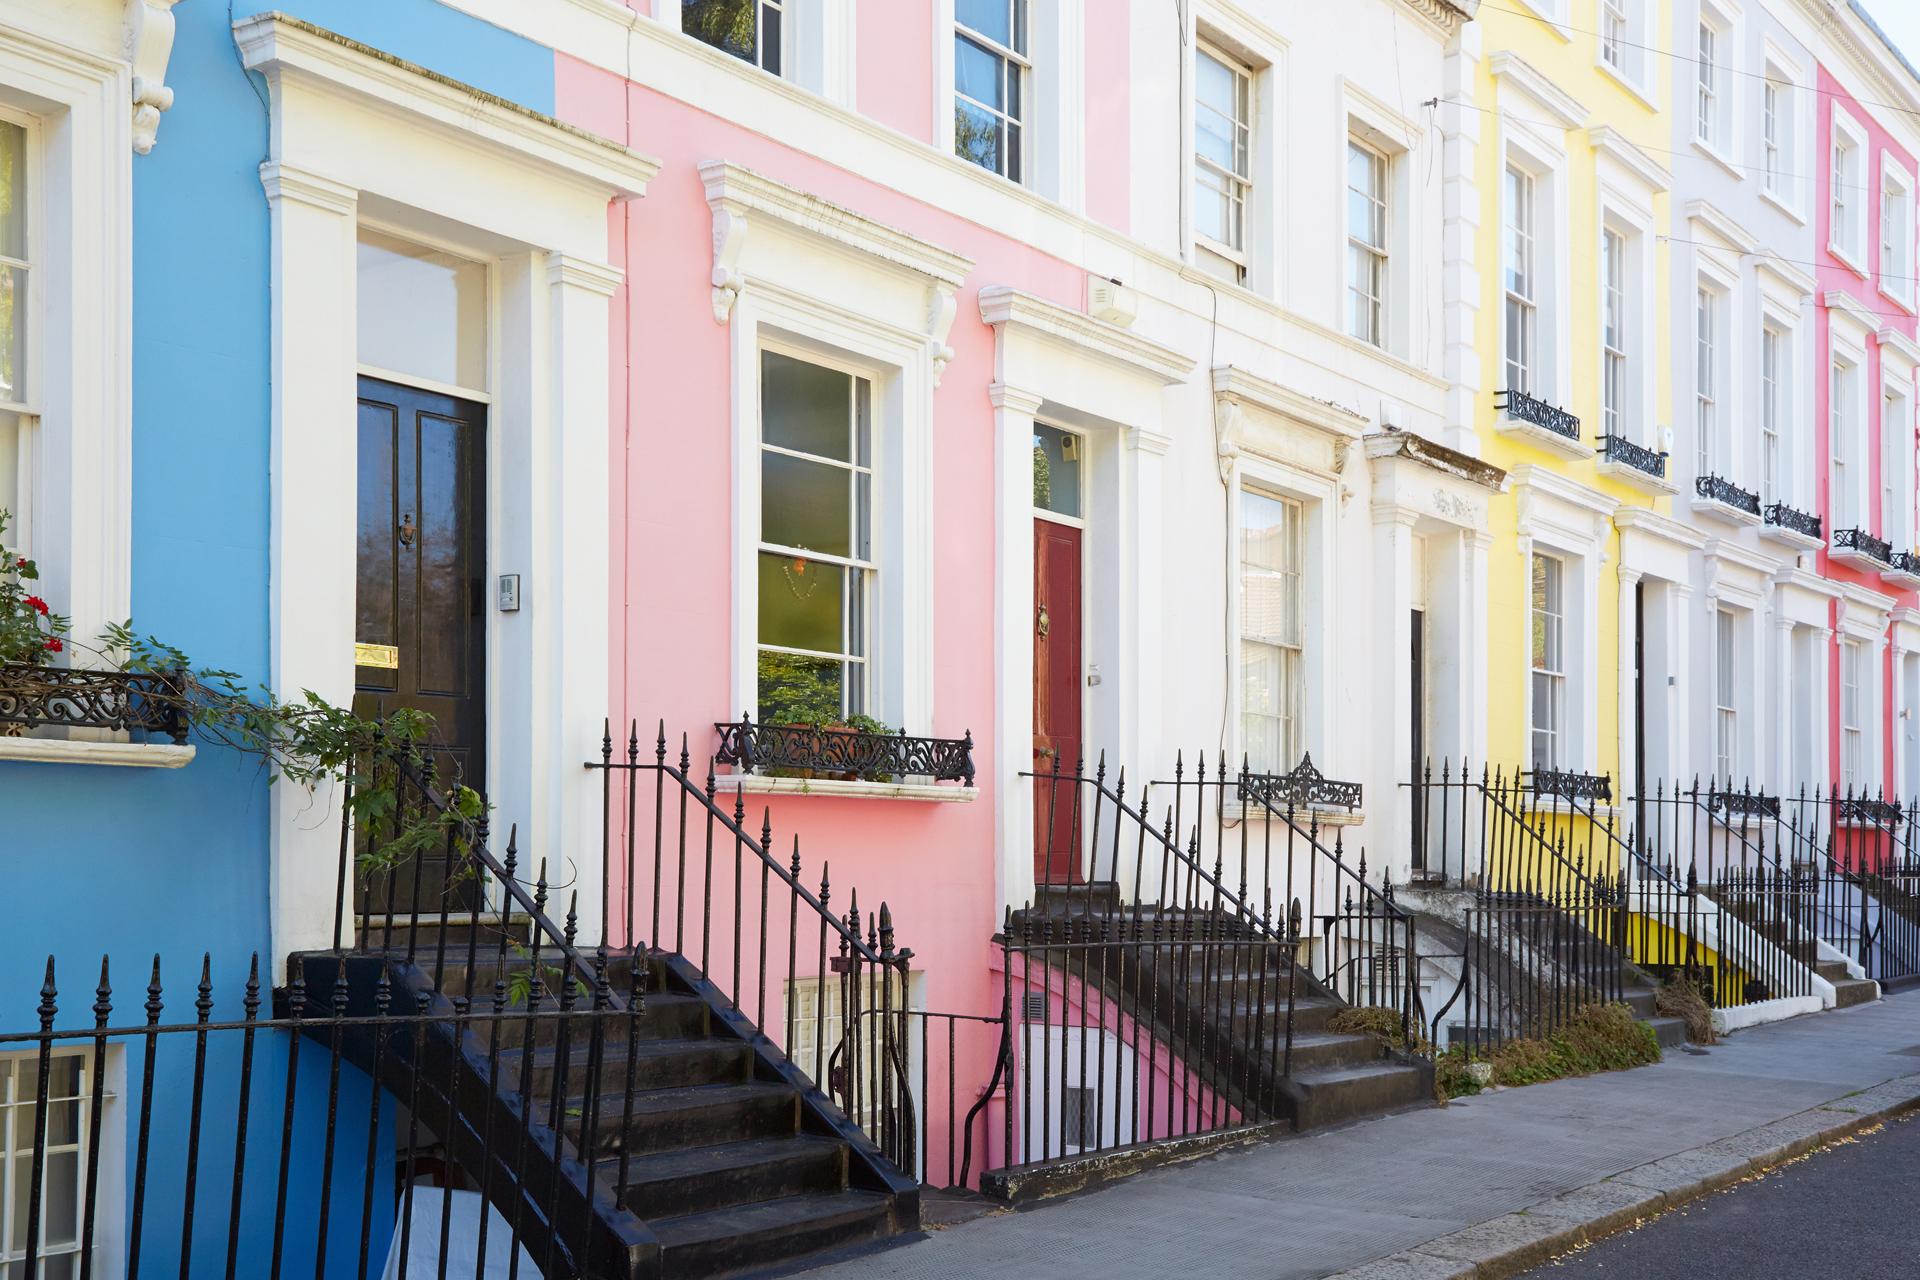 El barrio popularizado por la comedia romántica con Julia Roberts y Hugh Grant en 1999, se convirtió en la sede del carnaval más famoso de Londres junto al mítico mercado de Portobello. Es un lugar lleno de vanguardia artística y gastronómica (iStock)